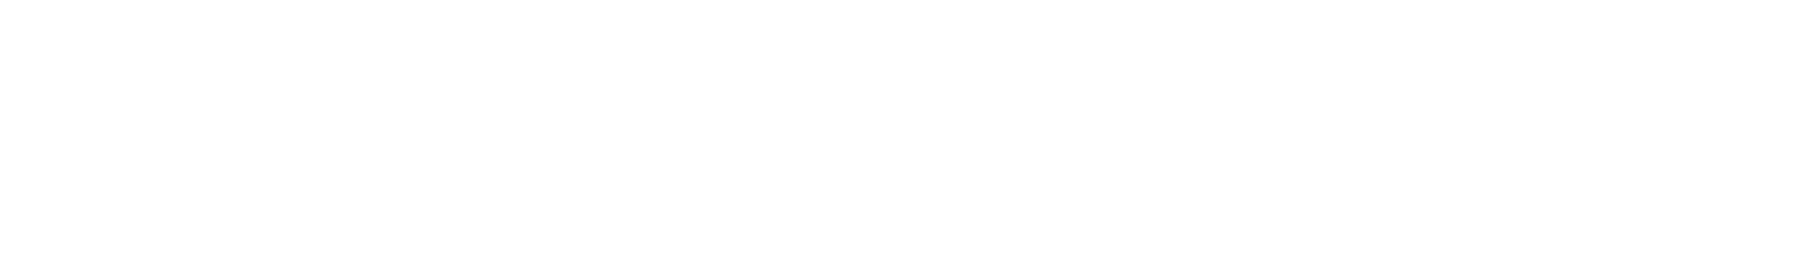 bpm 140 ep